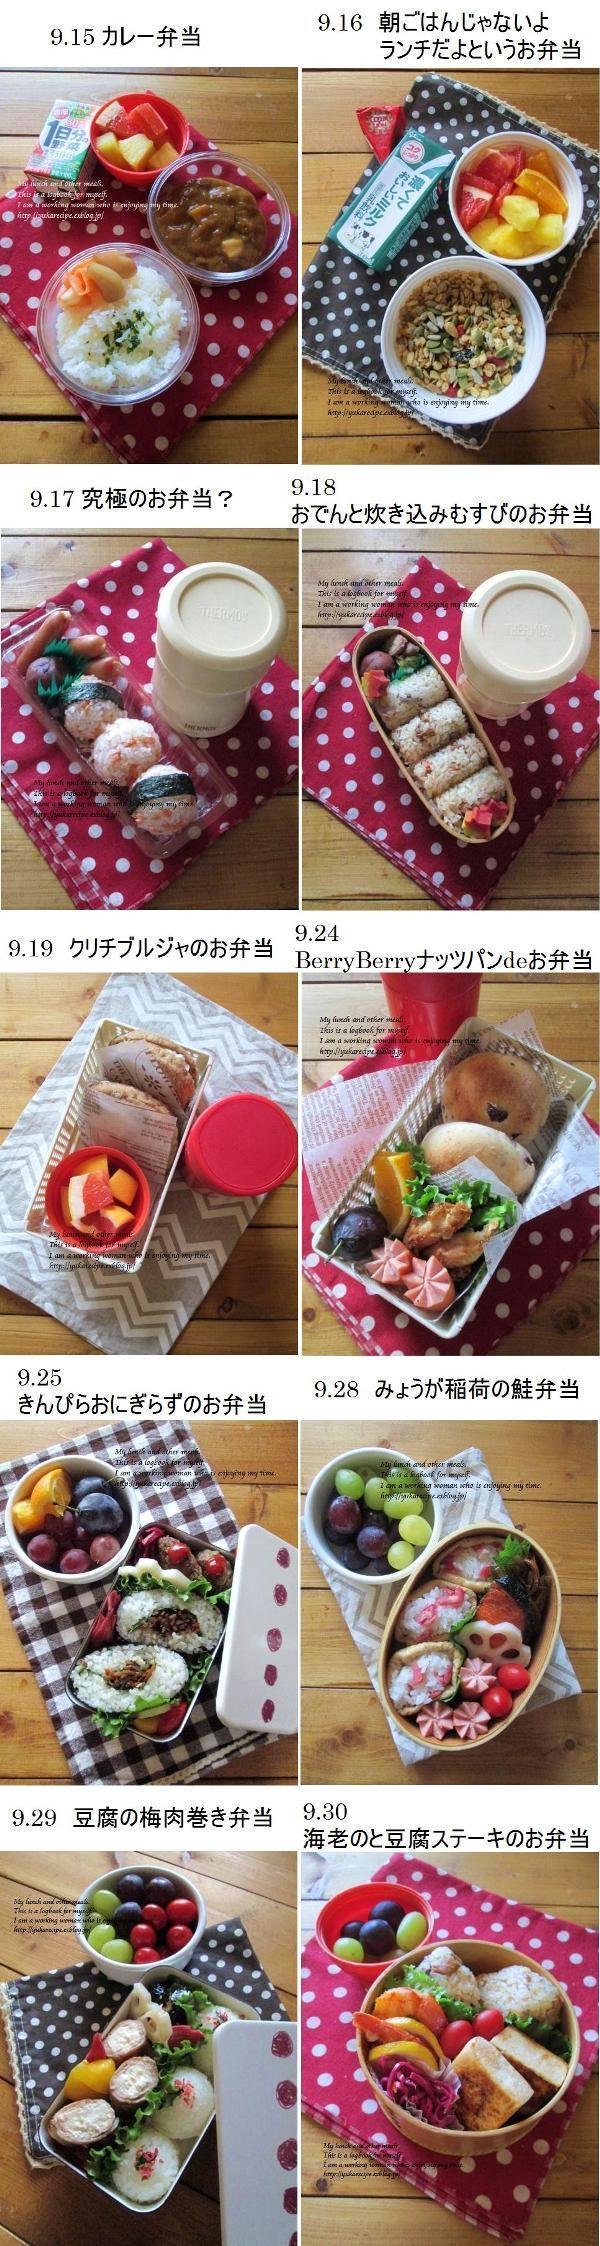 2015年9月のお弁当一覧作りました♪_e0274872_18081711.jpg